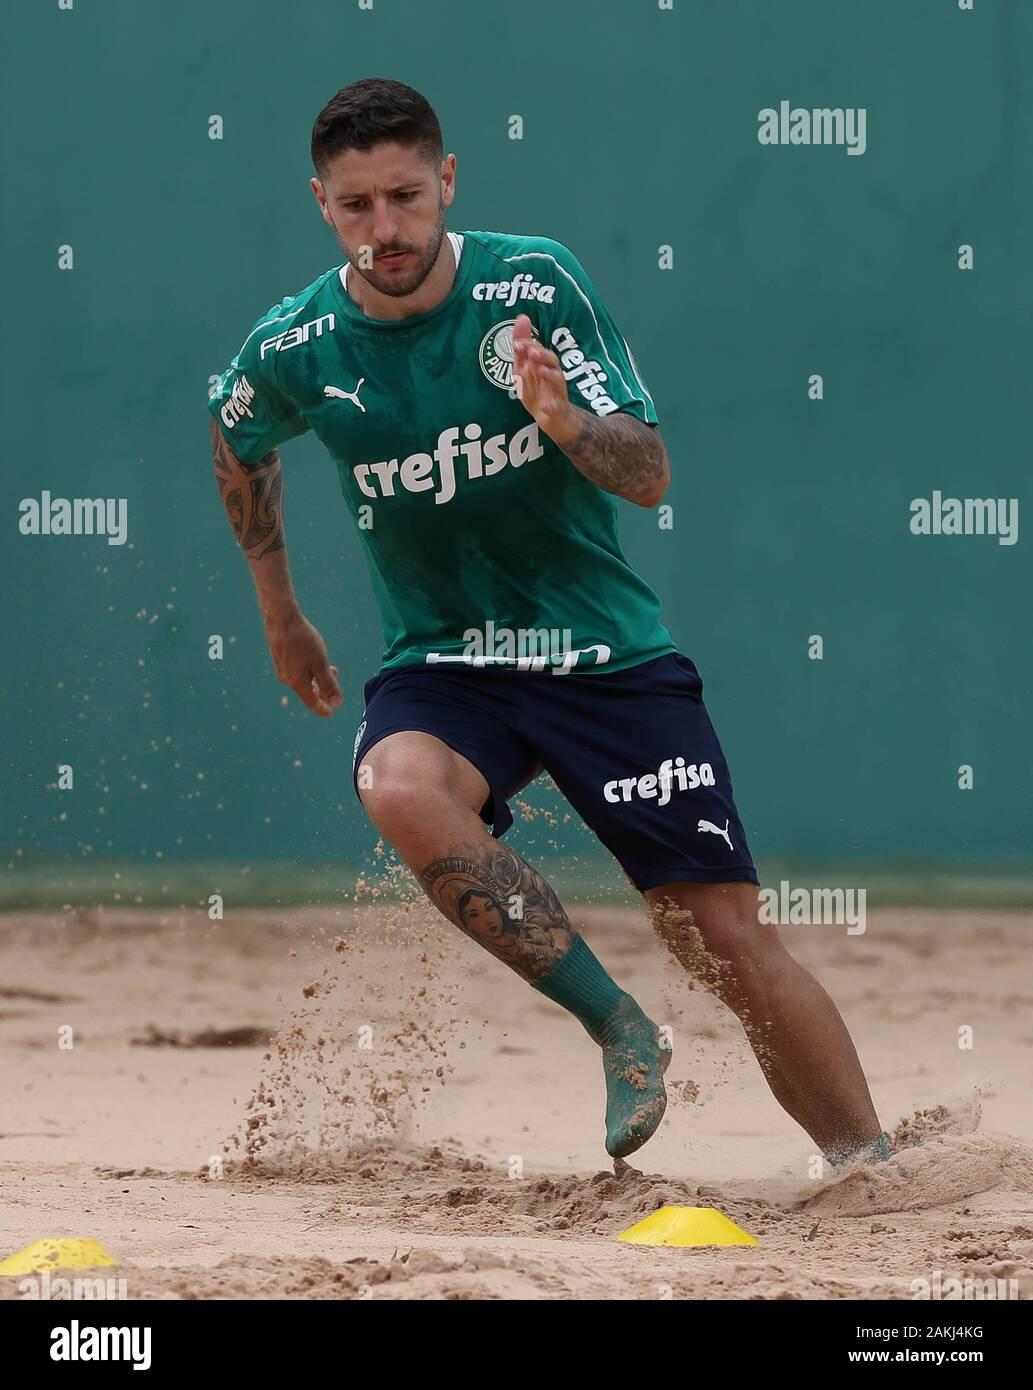 SÃO PAULO, SP - 09.01.2020: TREINO DO PALMEIRAS - Zé Rafael player, from SE Palmeiras, during training at the Football Academy. (Photo: Cesar Greco/Fotoarena) Stock Photo